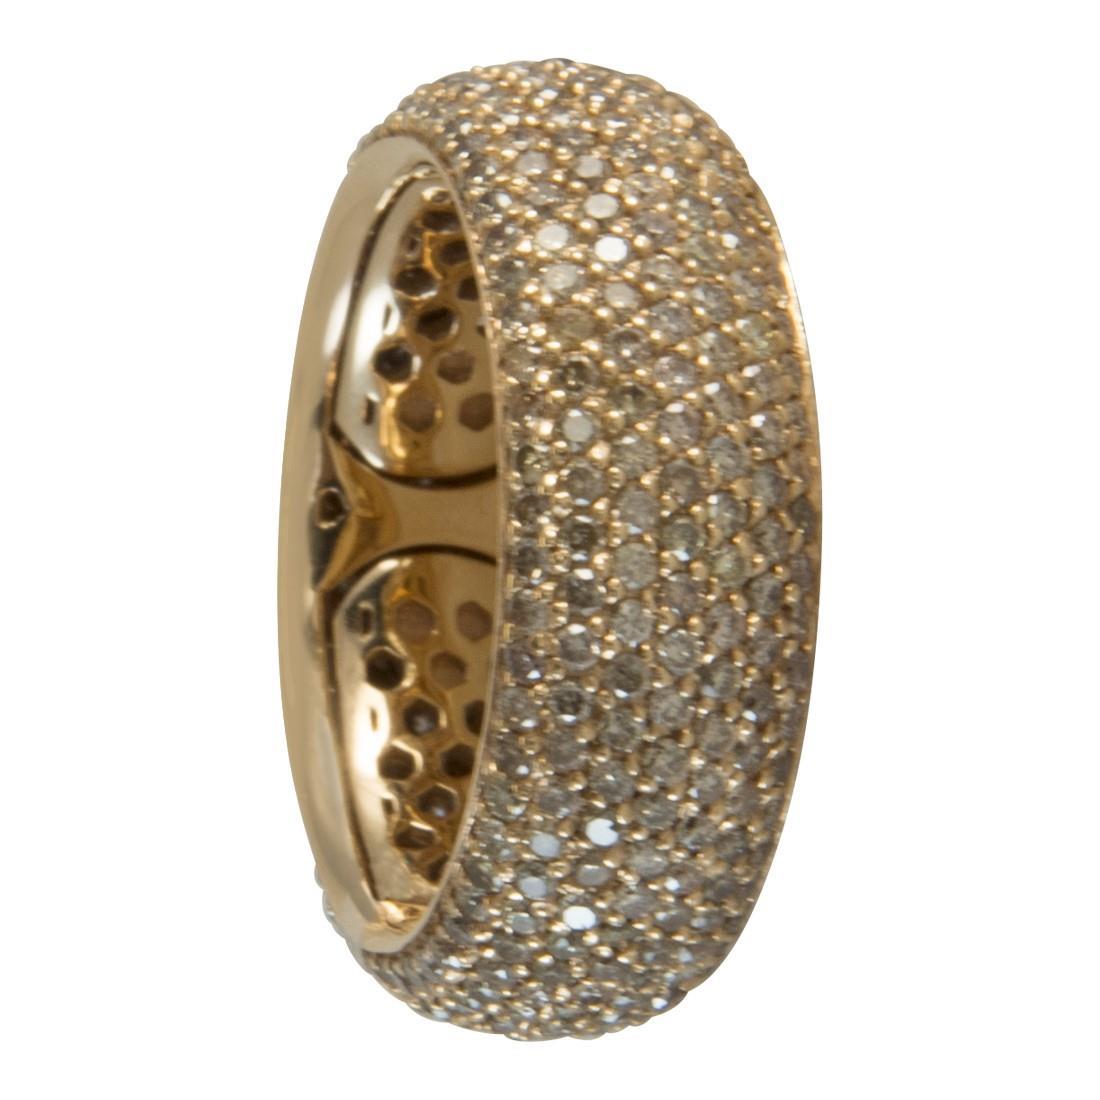 Anello  in oro 18kt con diamanti brown ct 2.50 - ALFIERI ST JOHN